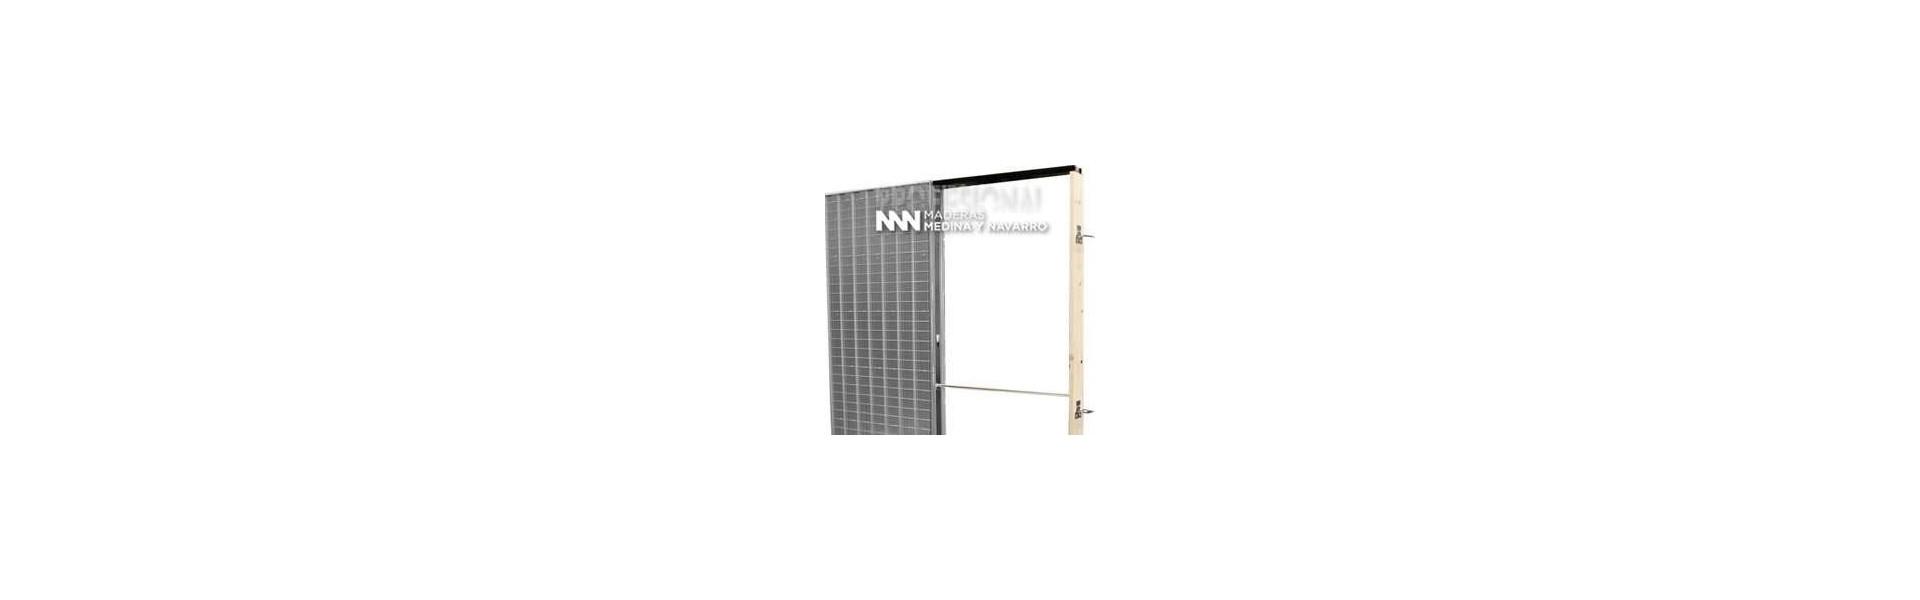 Estructuras metálicas para puerta